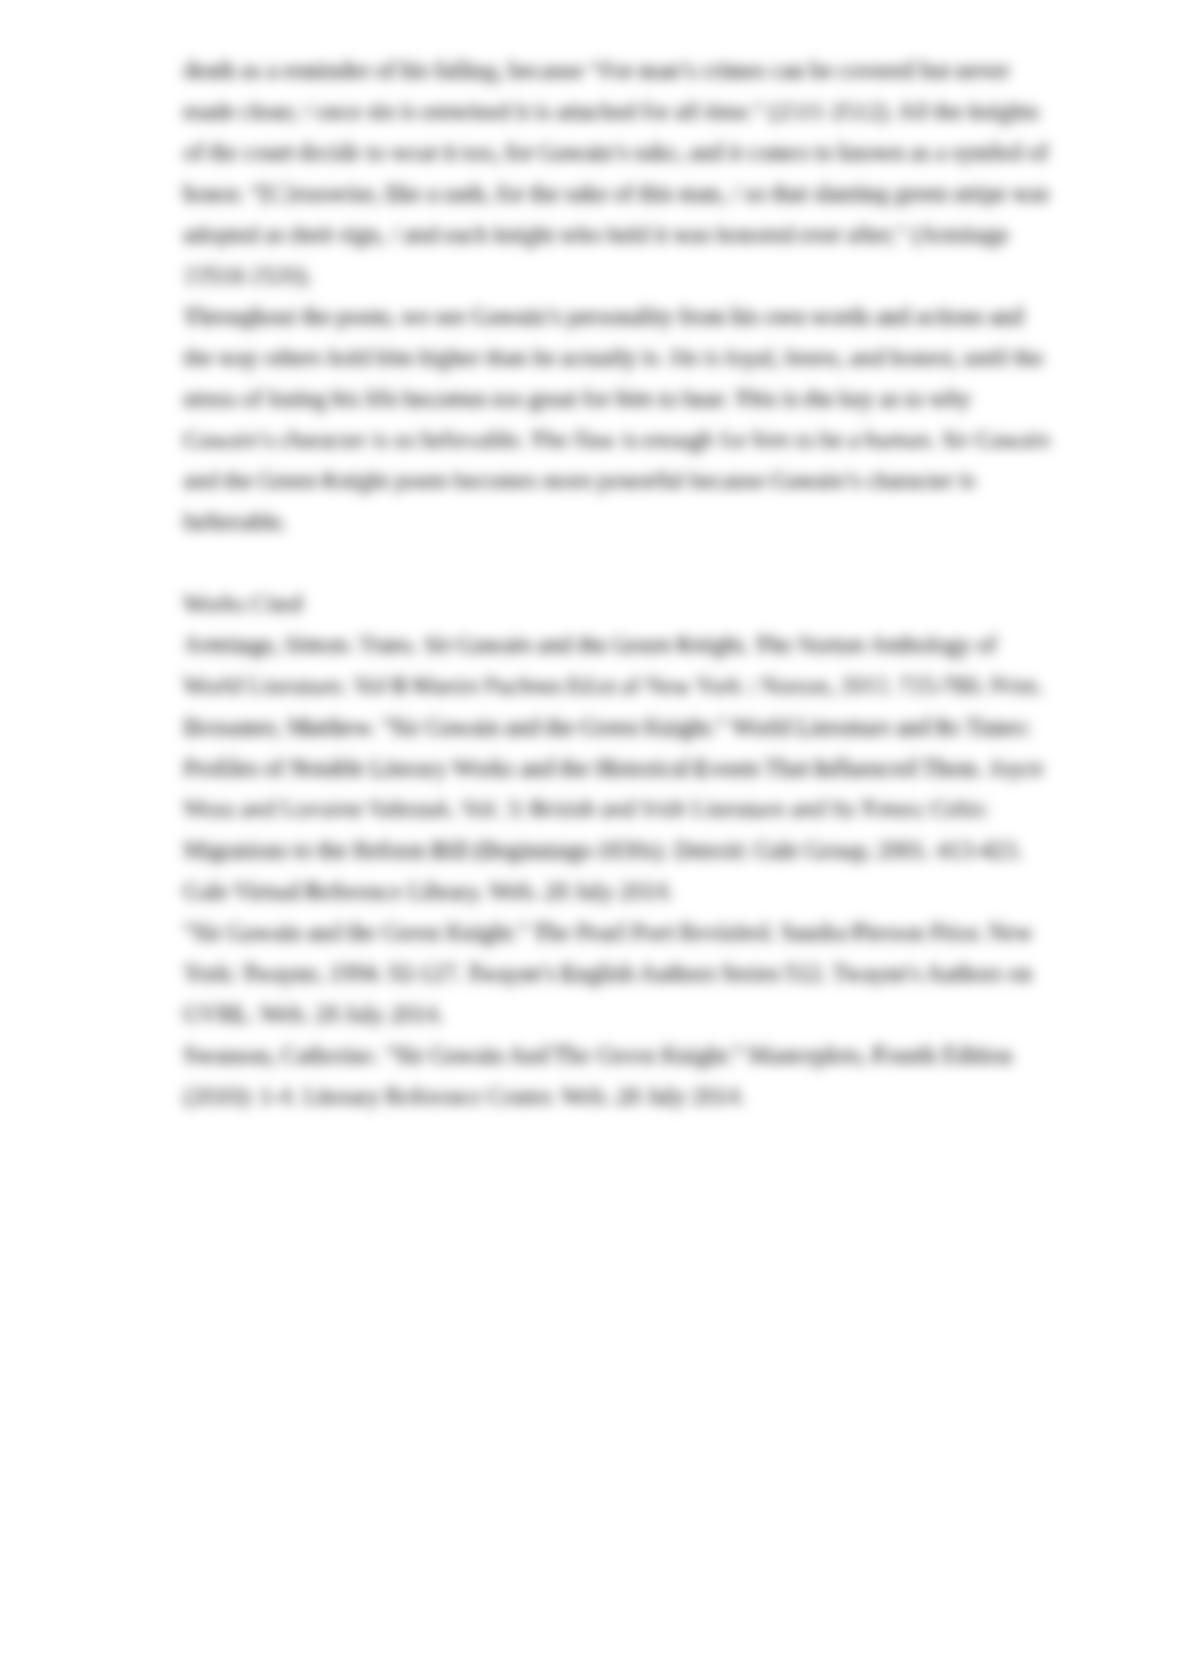 Reflection on leadership in nursing essay